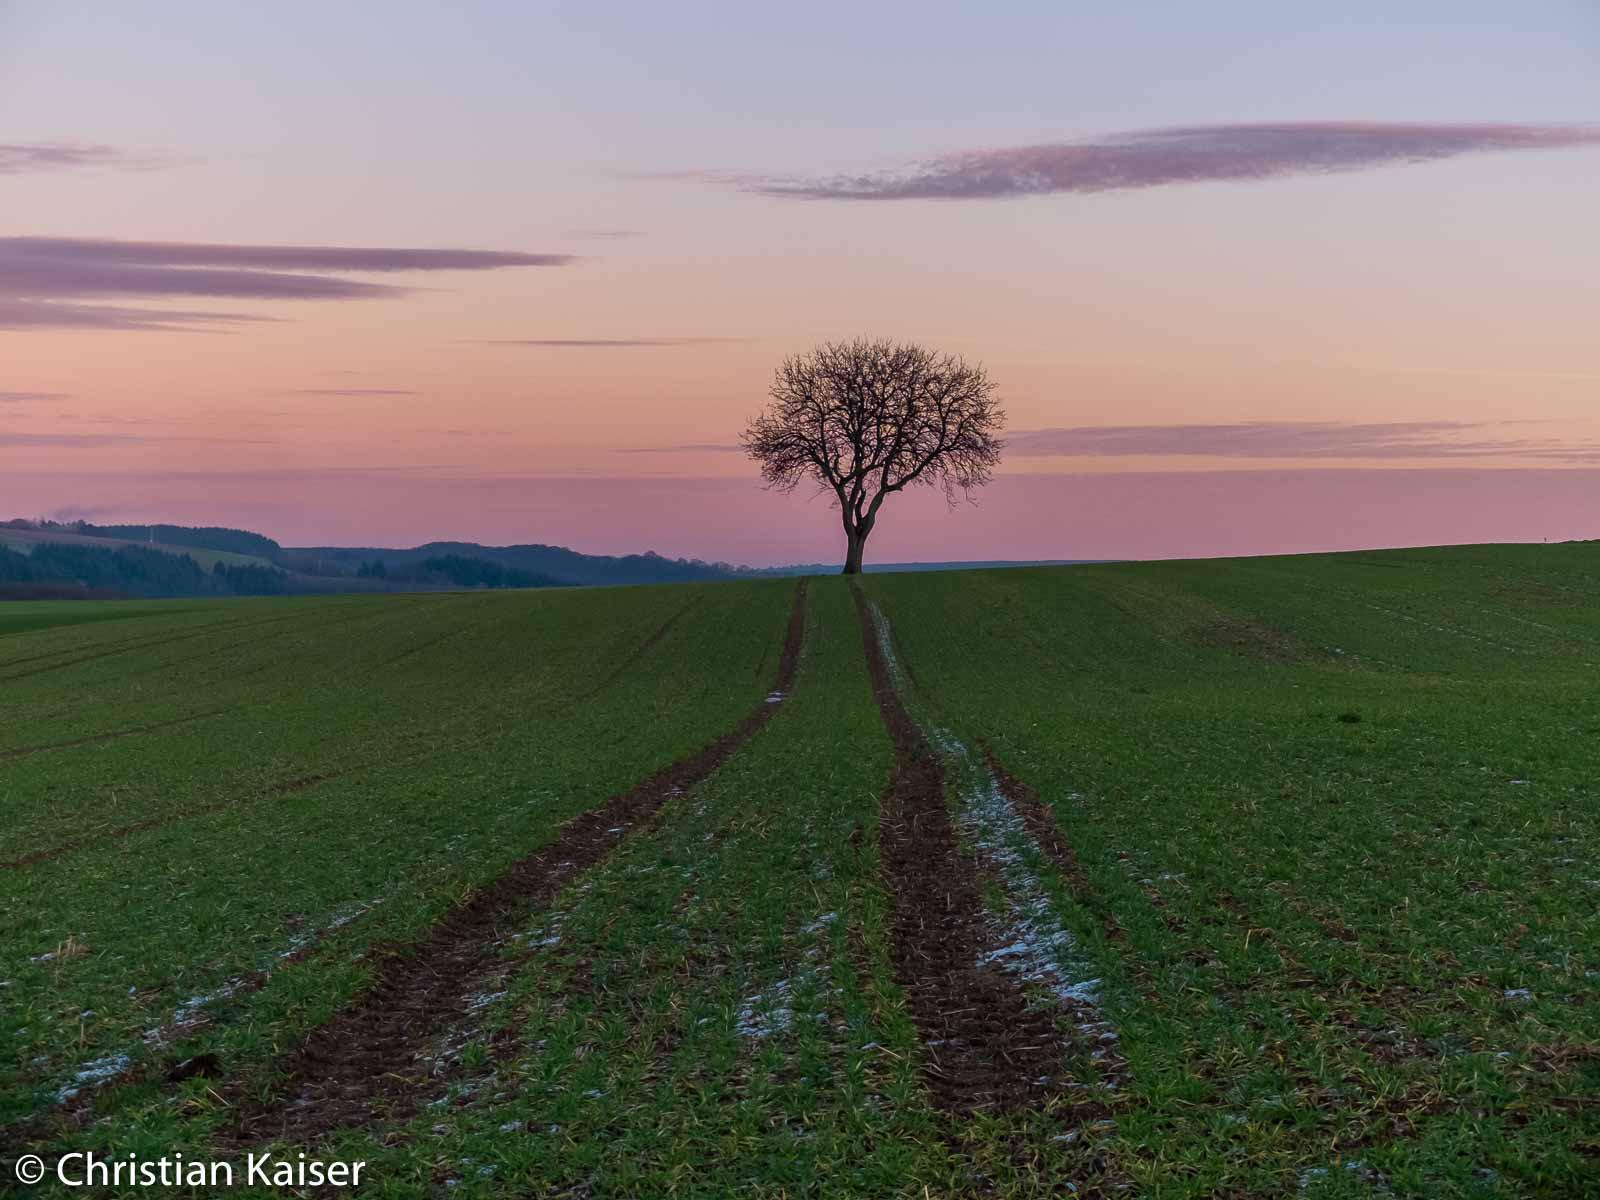 Einzelne alte Obstbäume auf den Feldern scheinen Reste von Streuobstwiesen zu sein